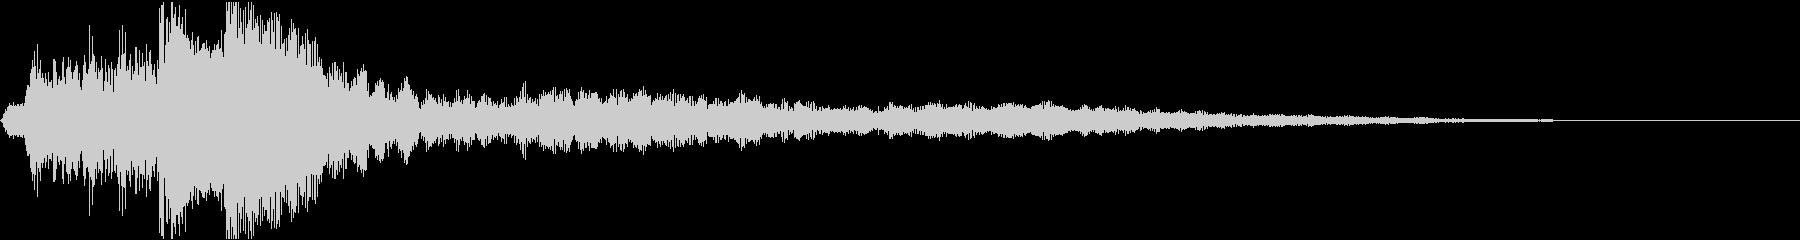 ローファイ・ドキュメンタル風ピアノcの未再生の波形